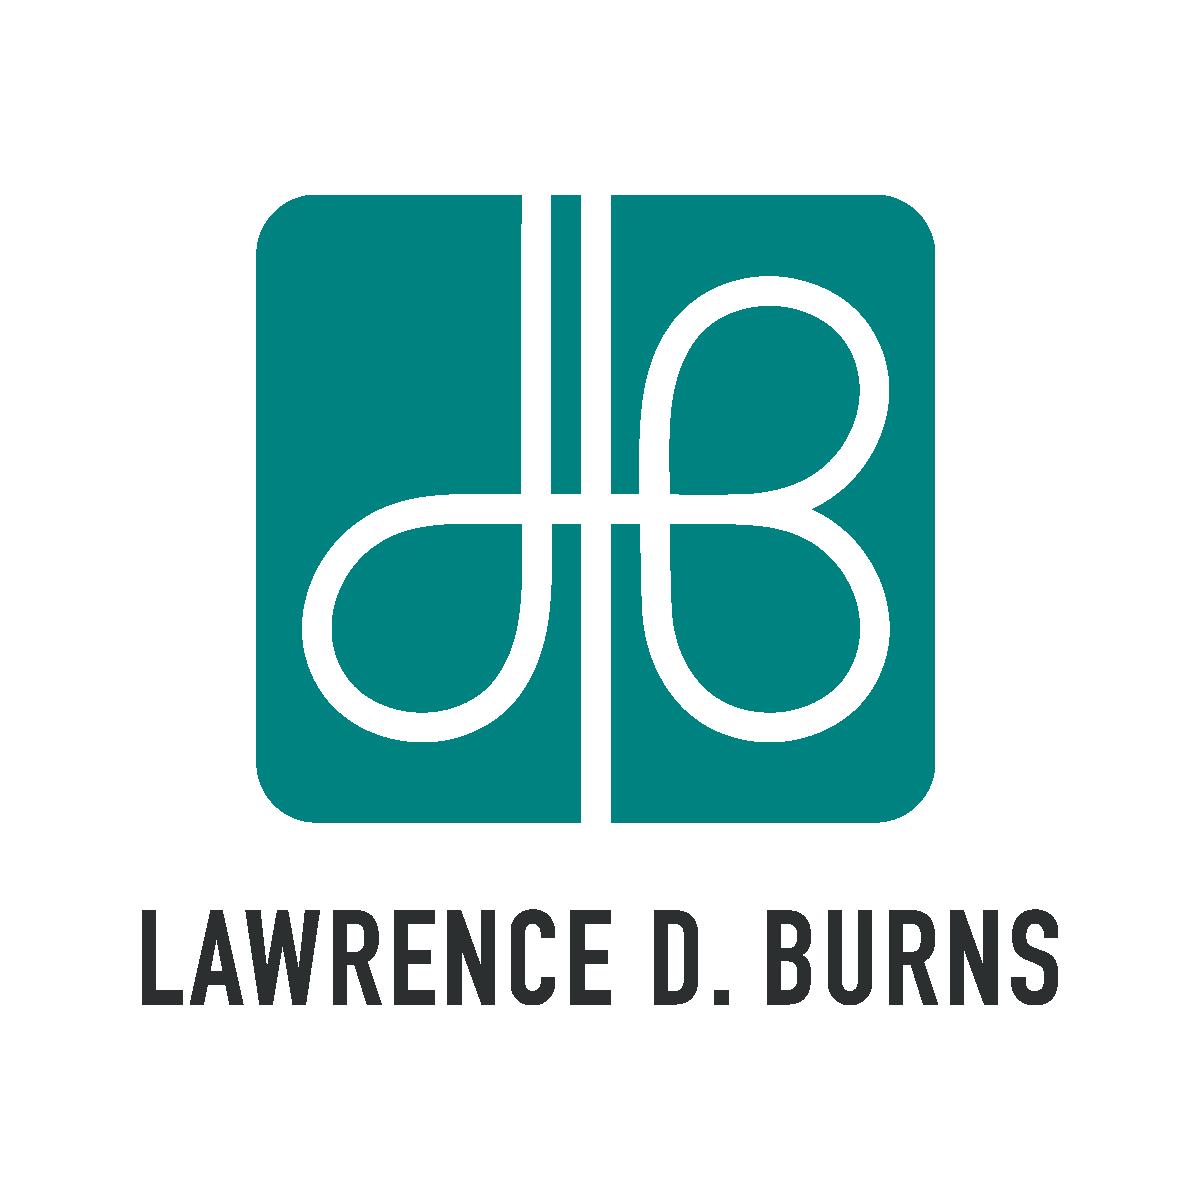 Lawrence D. Burns - Business Advisor and Speaker